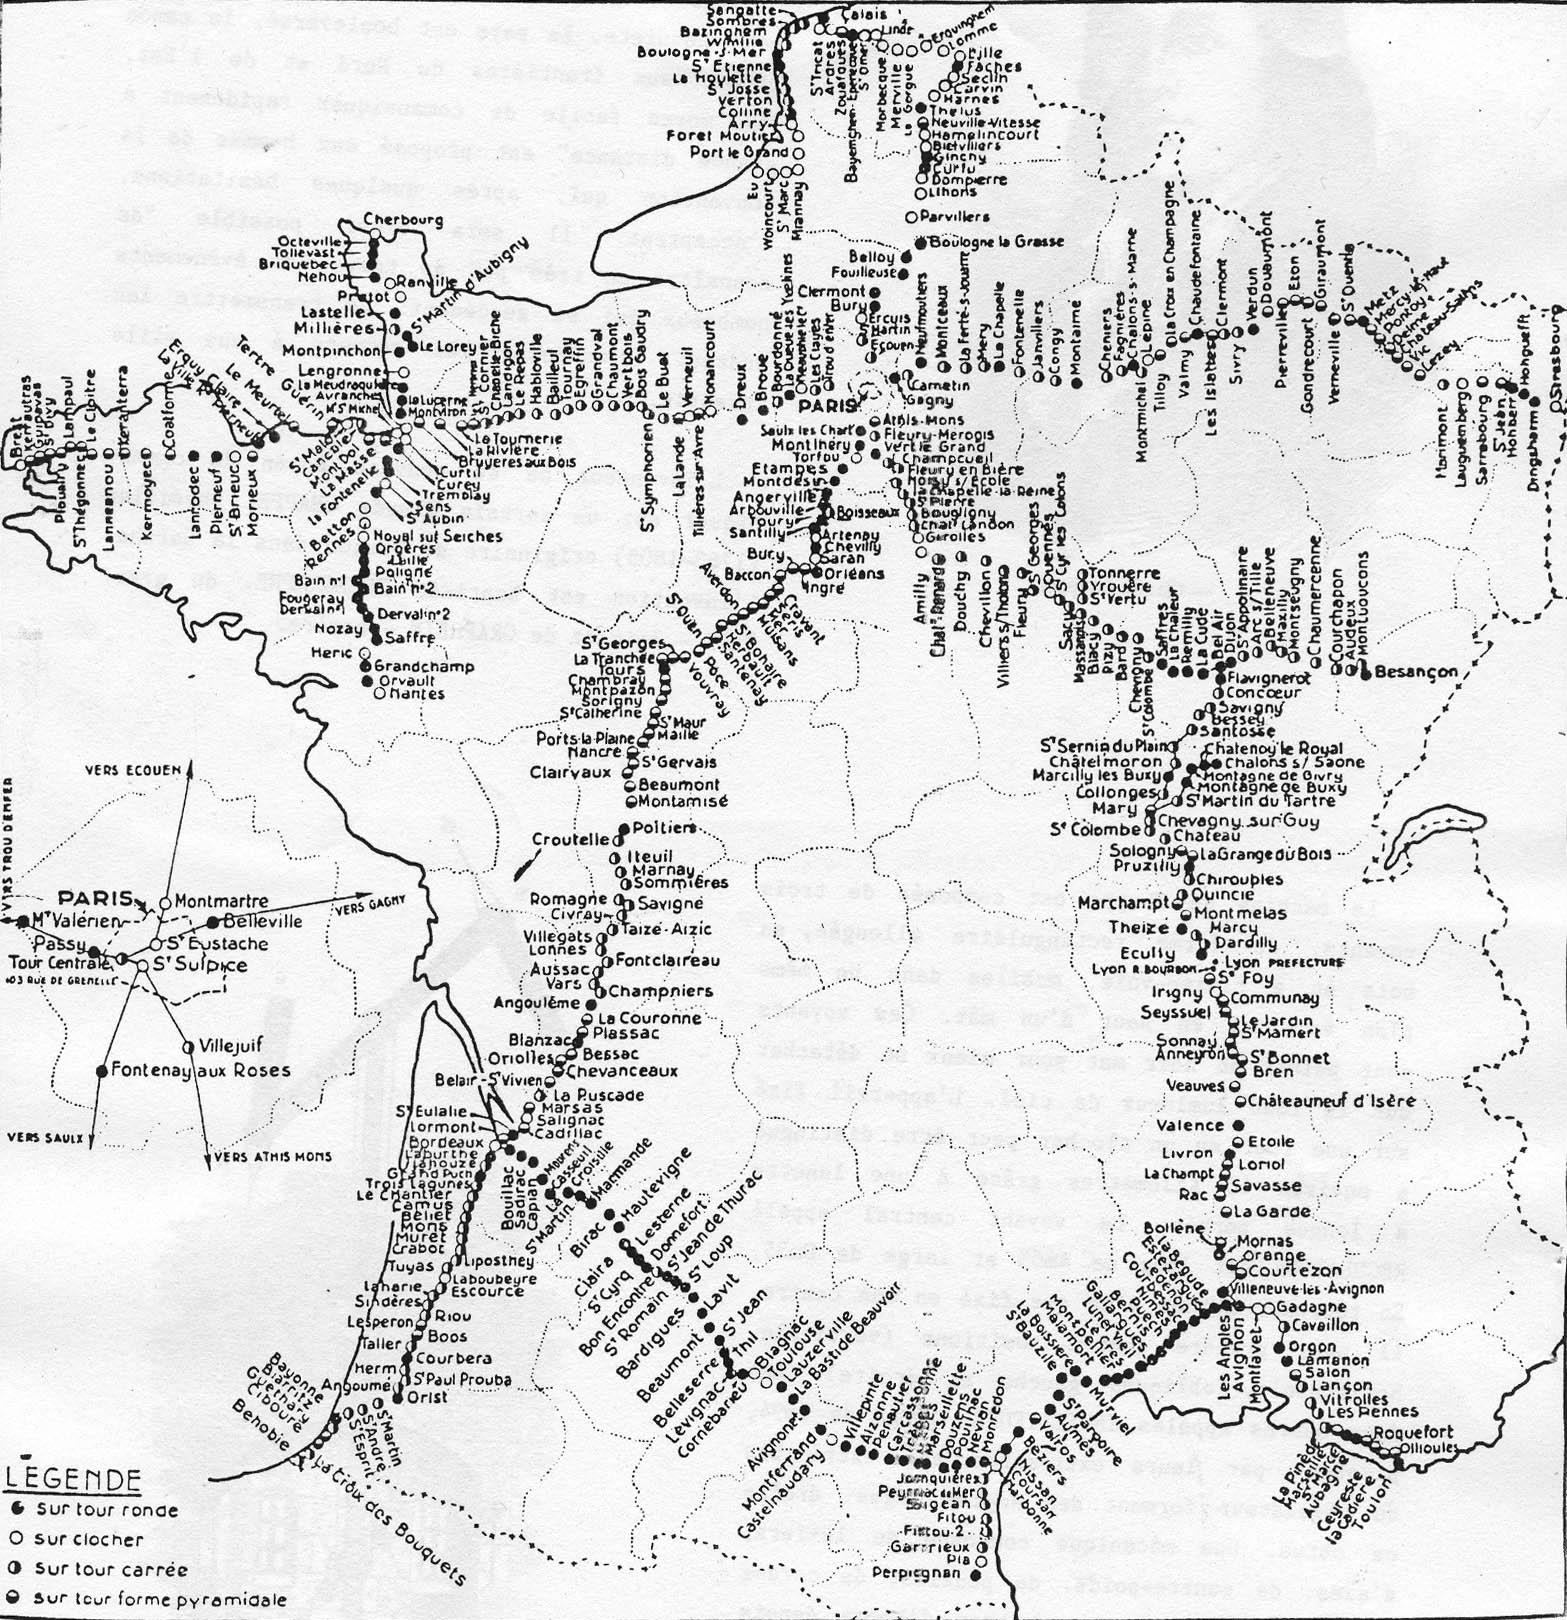 Carte des lignes de télégraphe Chappe établies entre 1793 et 1852